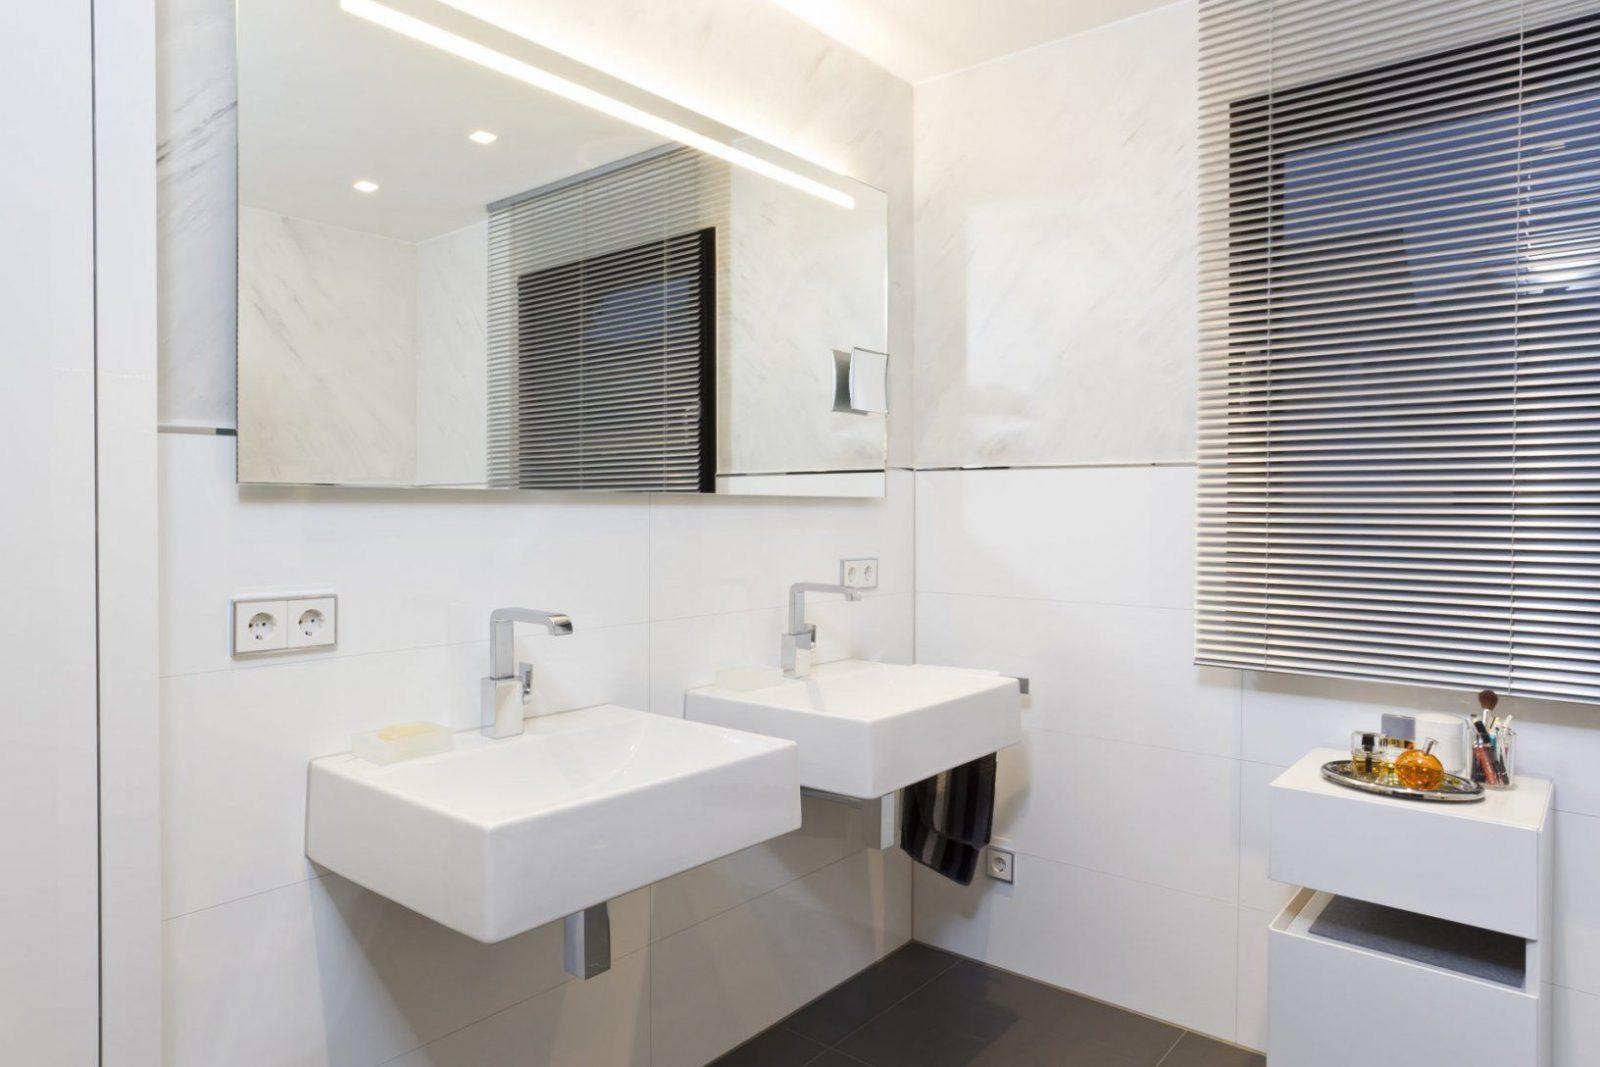 Erstaunlich Wie Fliest Man Ein Modernes Bad 21 Traum Badezimmer von Wie Fliest Man Ein Modernes Bad Photo